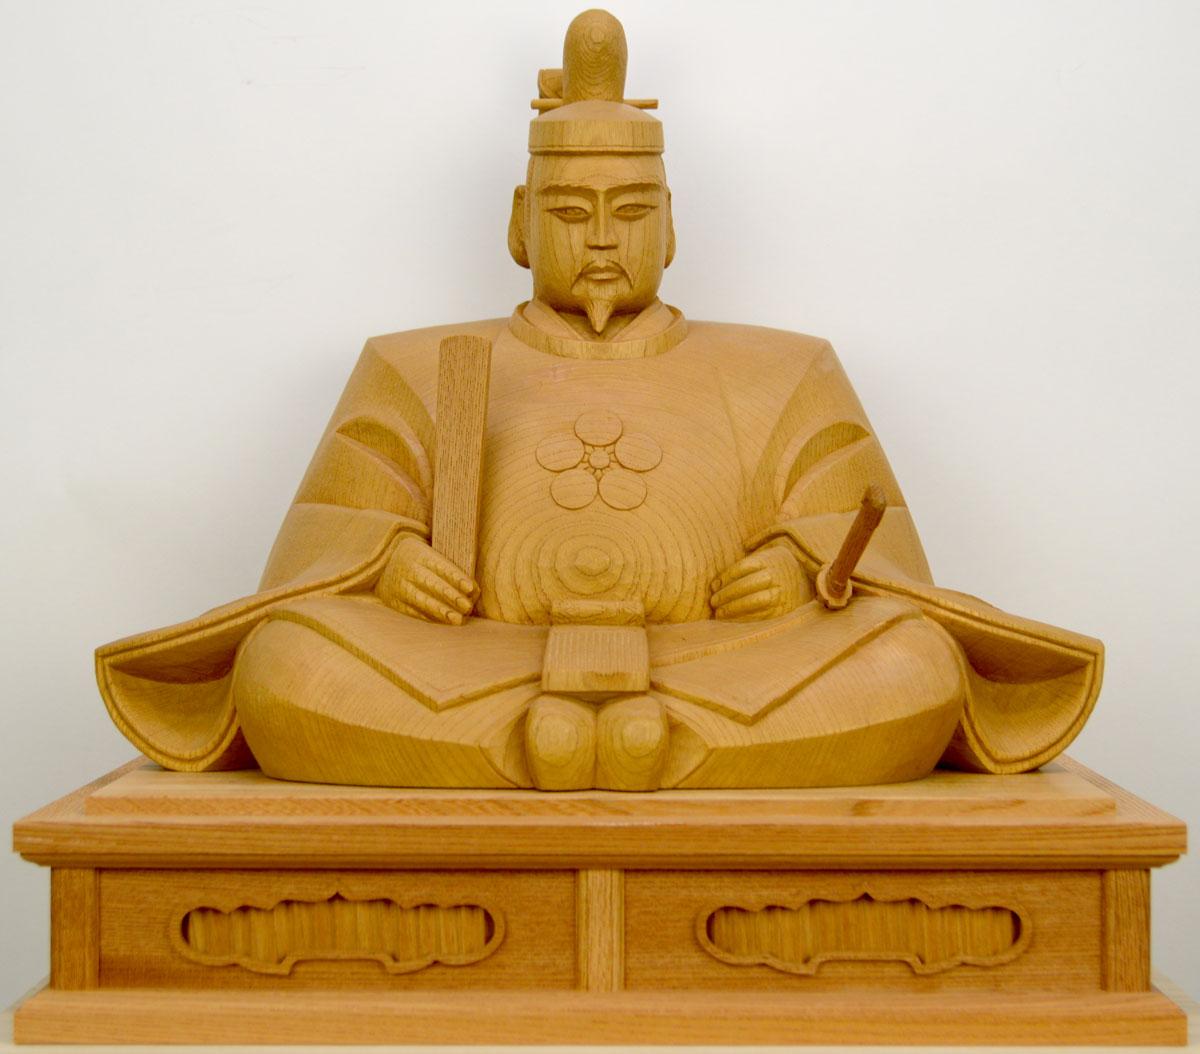 【天神様】井波彫刻『菅原道真公』一尺三寸・欅石井 米児(いしい よねじ)※1点ごとに木目が異なります。